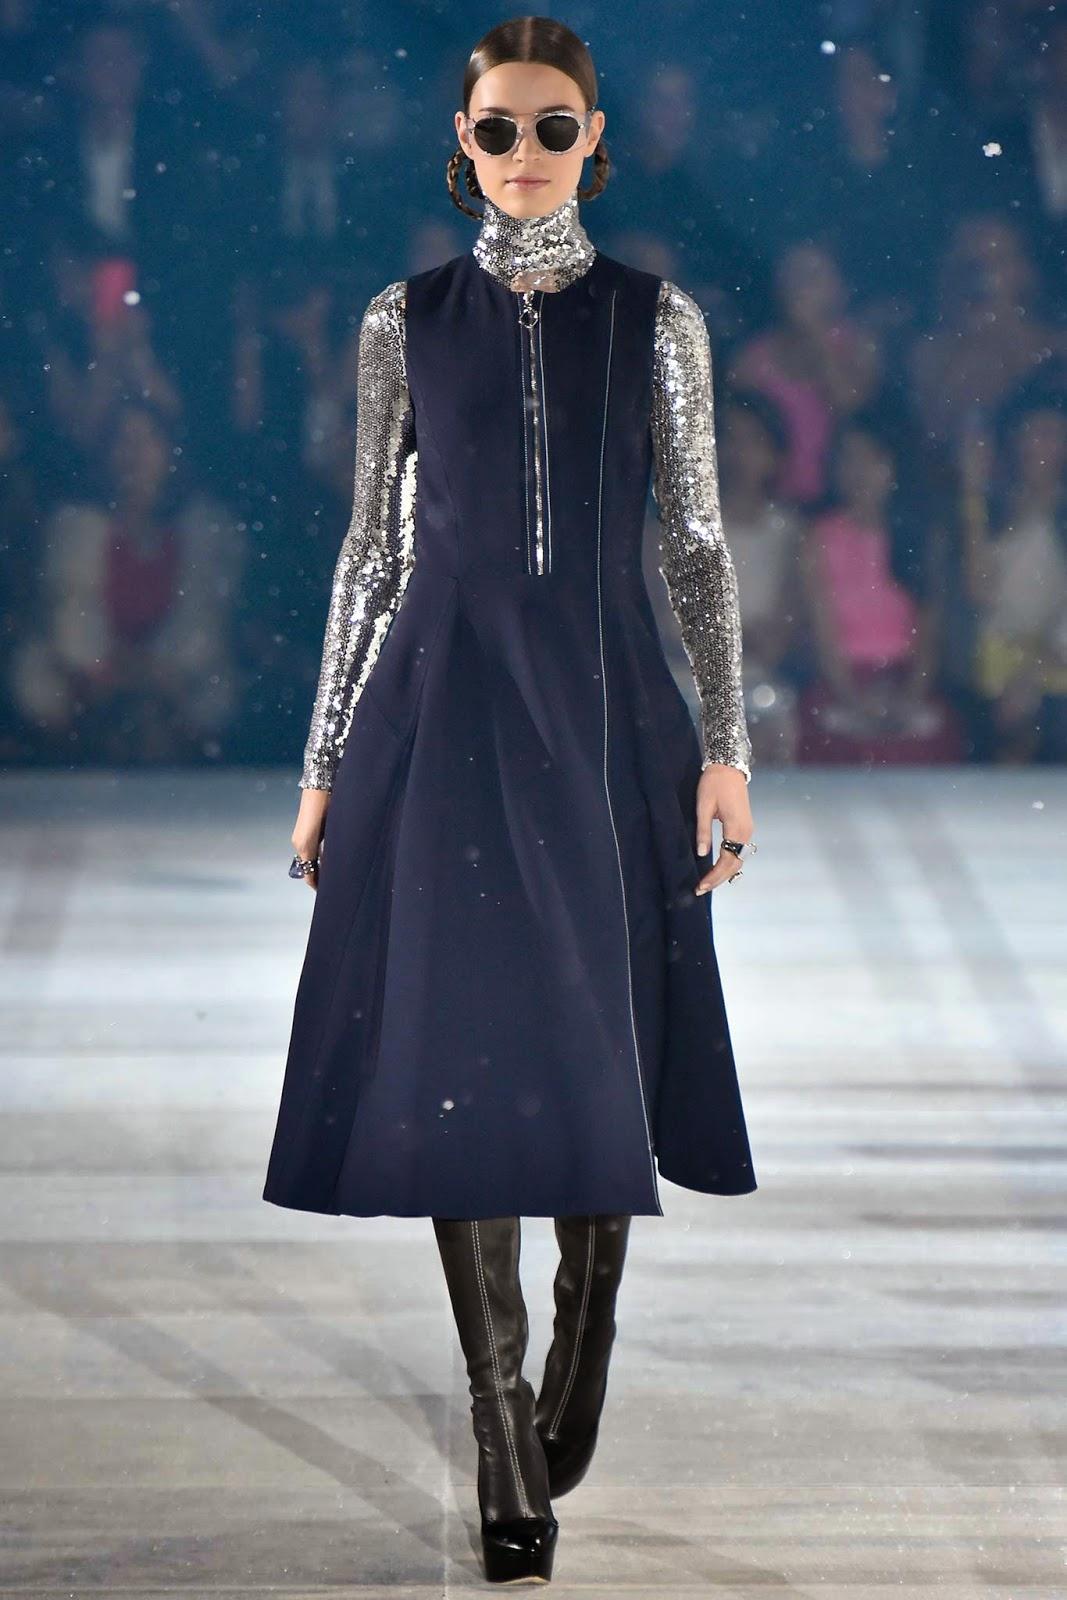 Topher Sivan PH   Acid Reign  Vans Royal Blue  Oxygen Clothing   Essay Vogue Australia